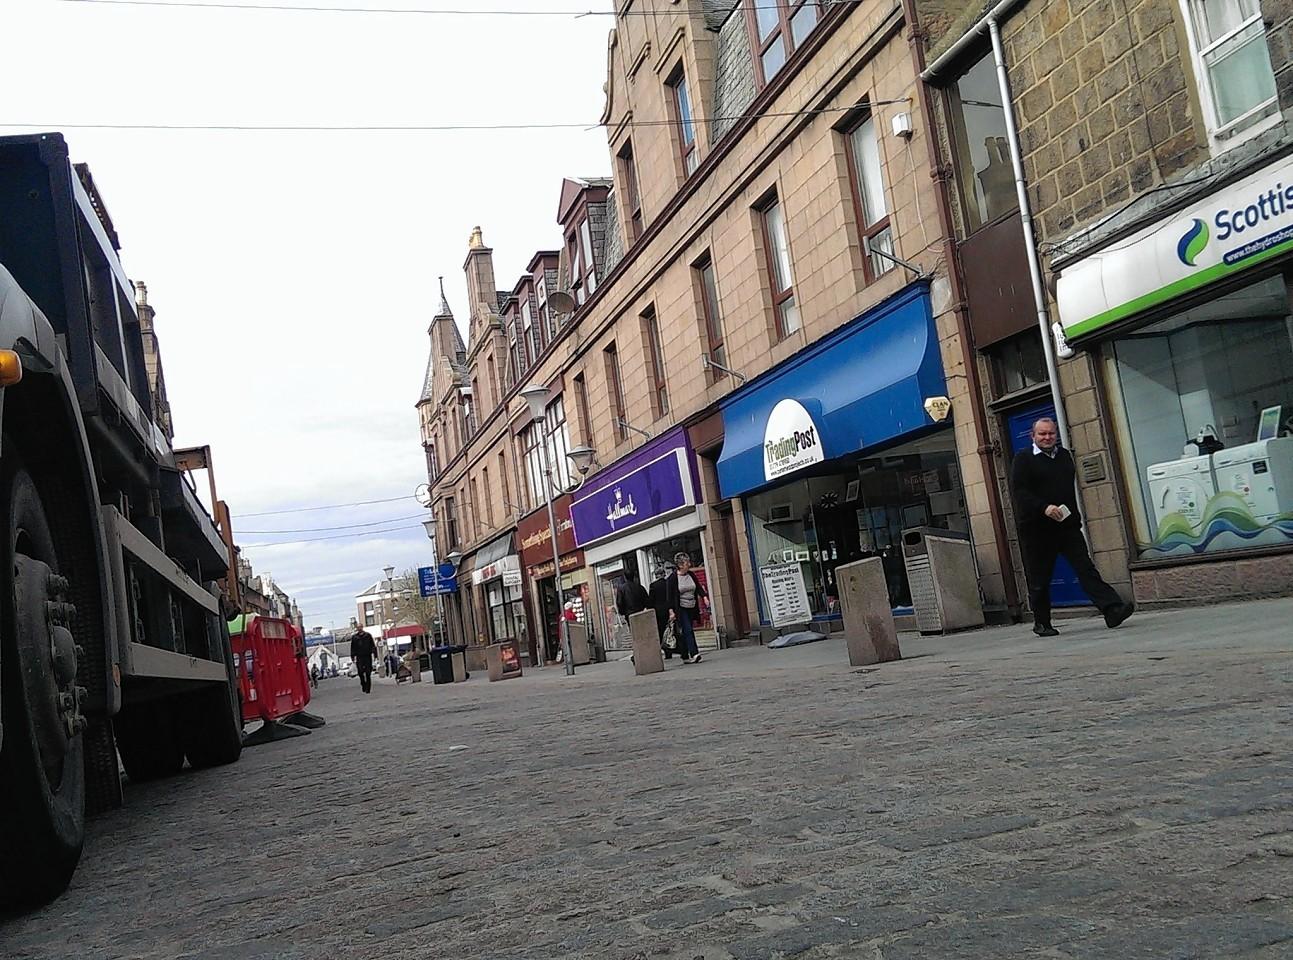 Peterhead's Marischal Street